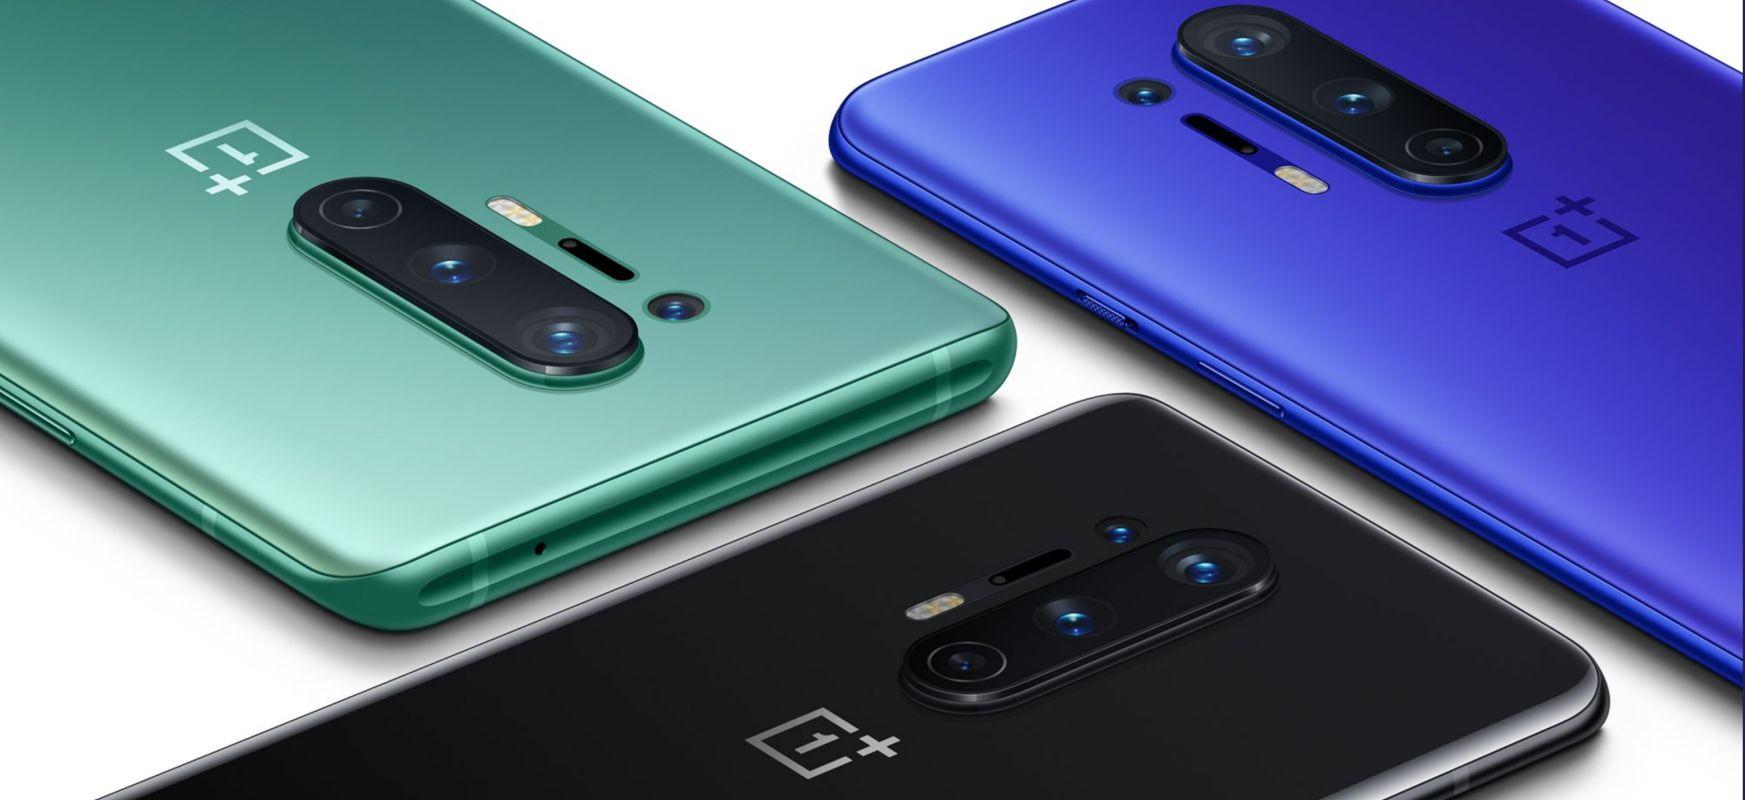 OnePlus merkeen aroaren amaiera.  Hemen dago OnePlus 8 eta OnePlus 8 Pro - Poloniako prezioak